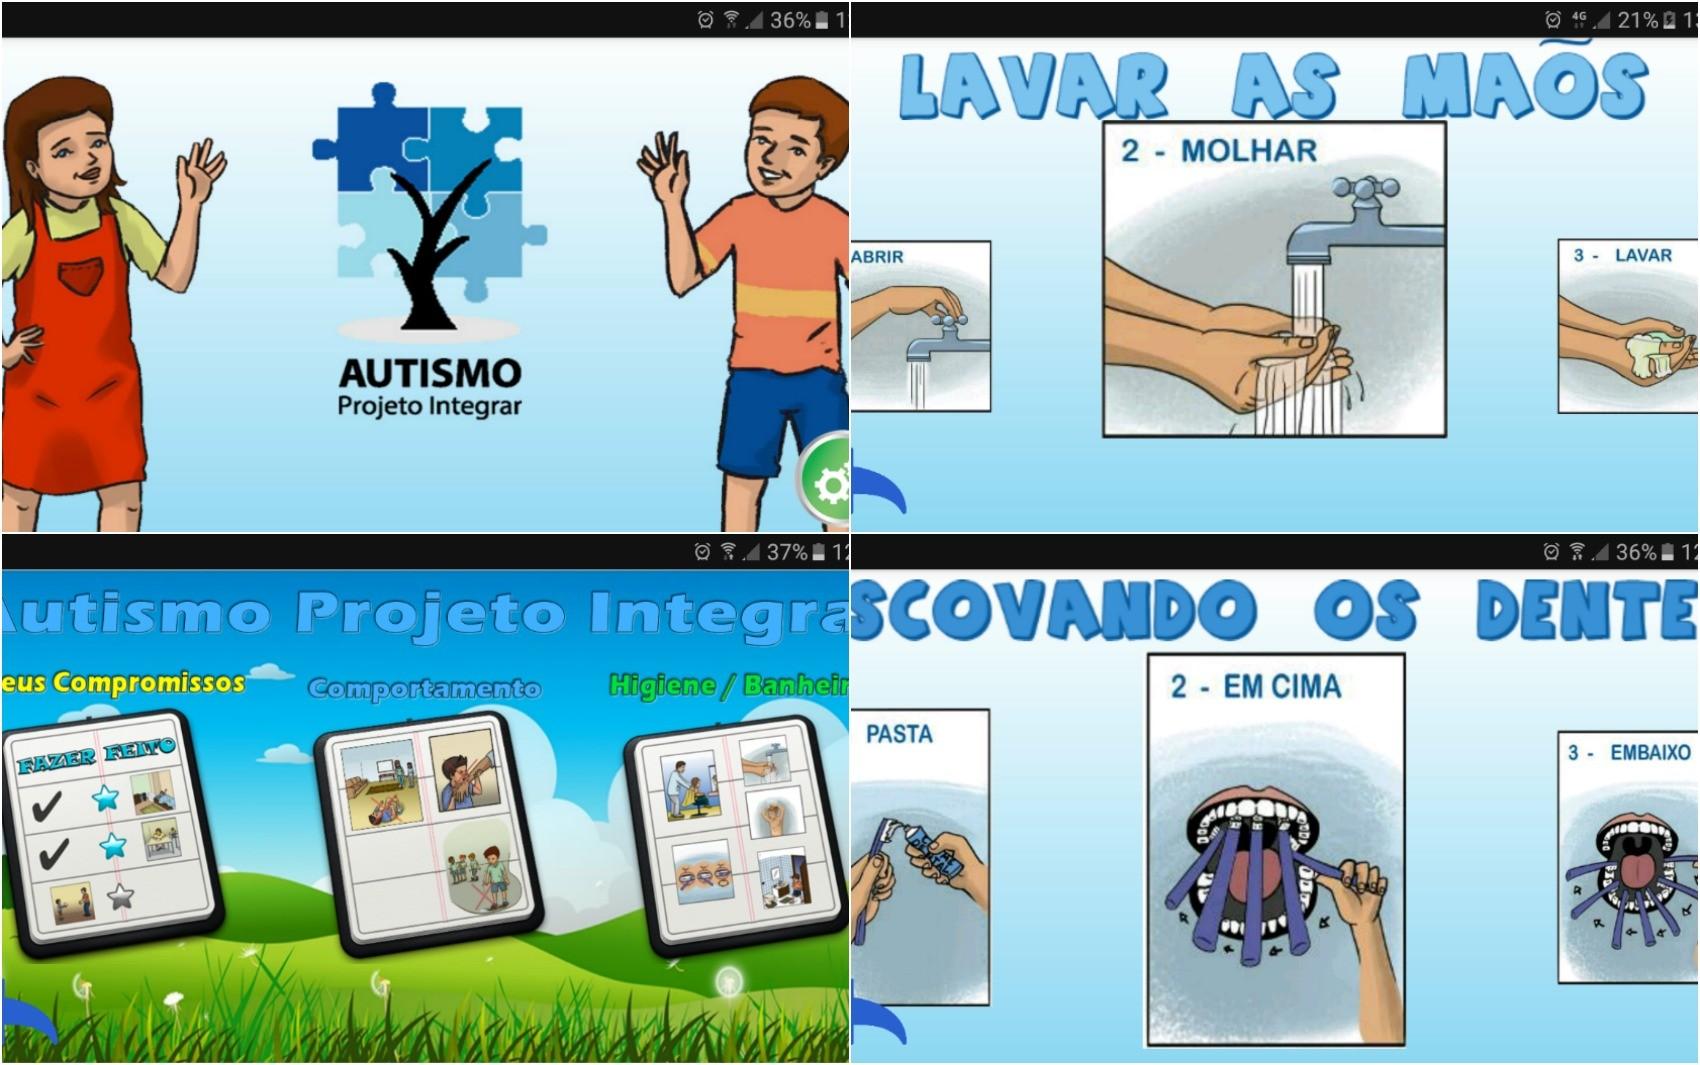 Aplicativo auxilia autistas com passo a passo de atividades diárias (Foto: Reprodução/Autismo Projeto Integrar)